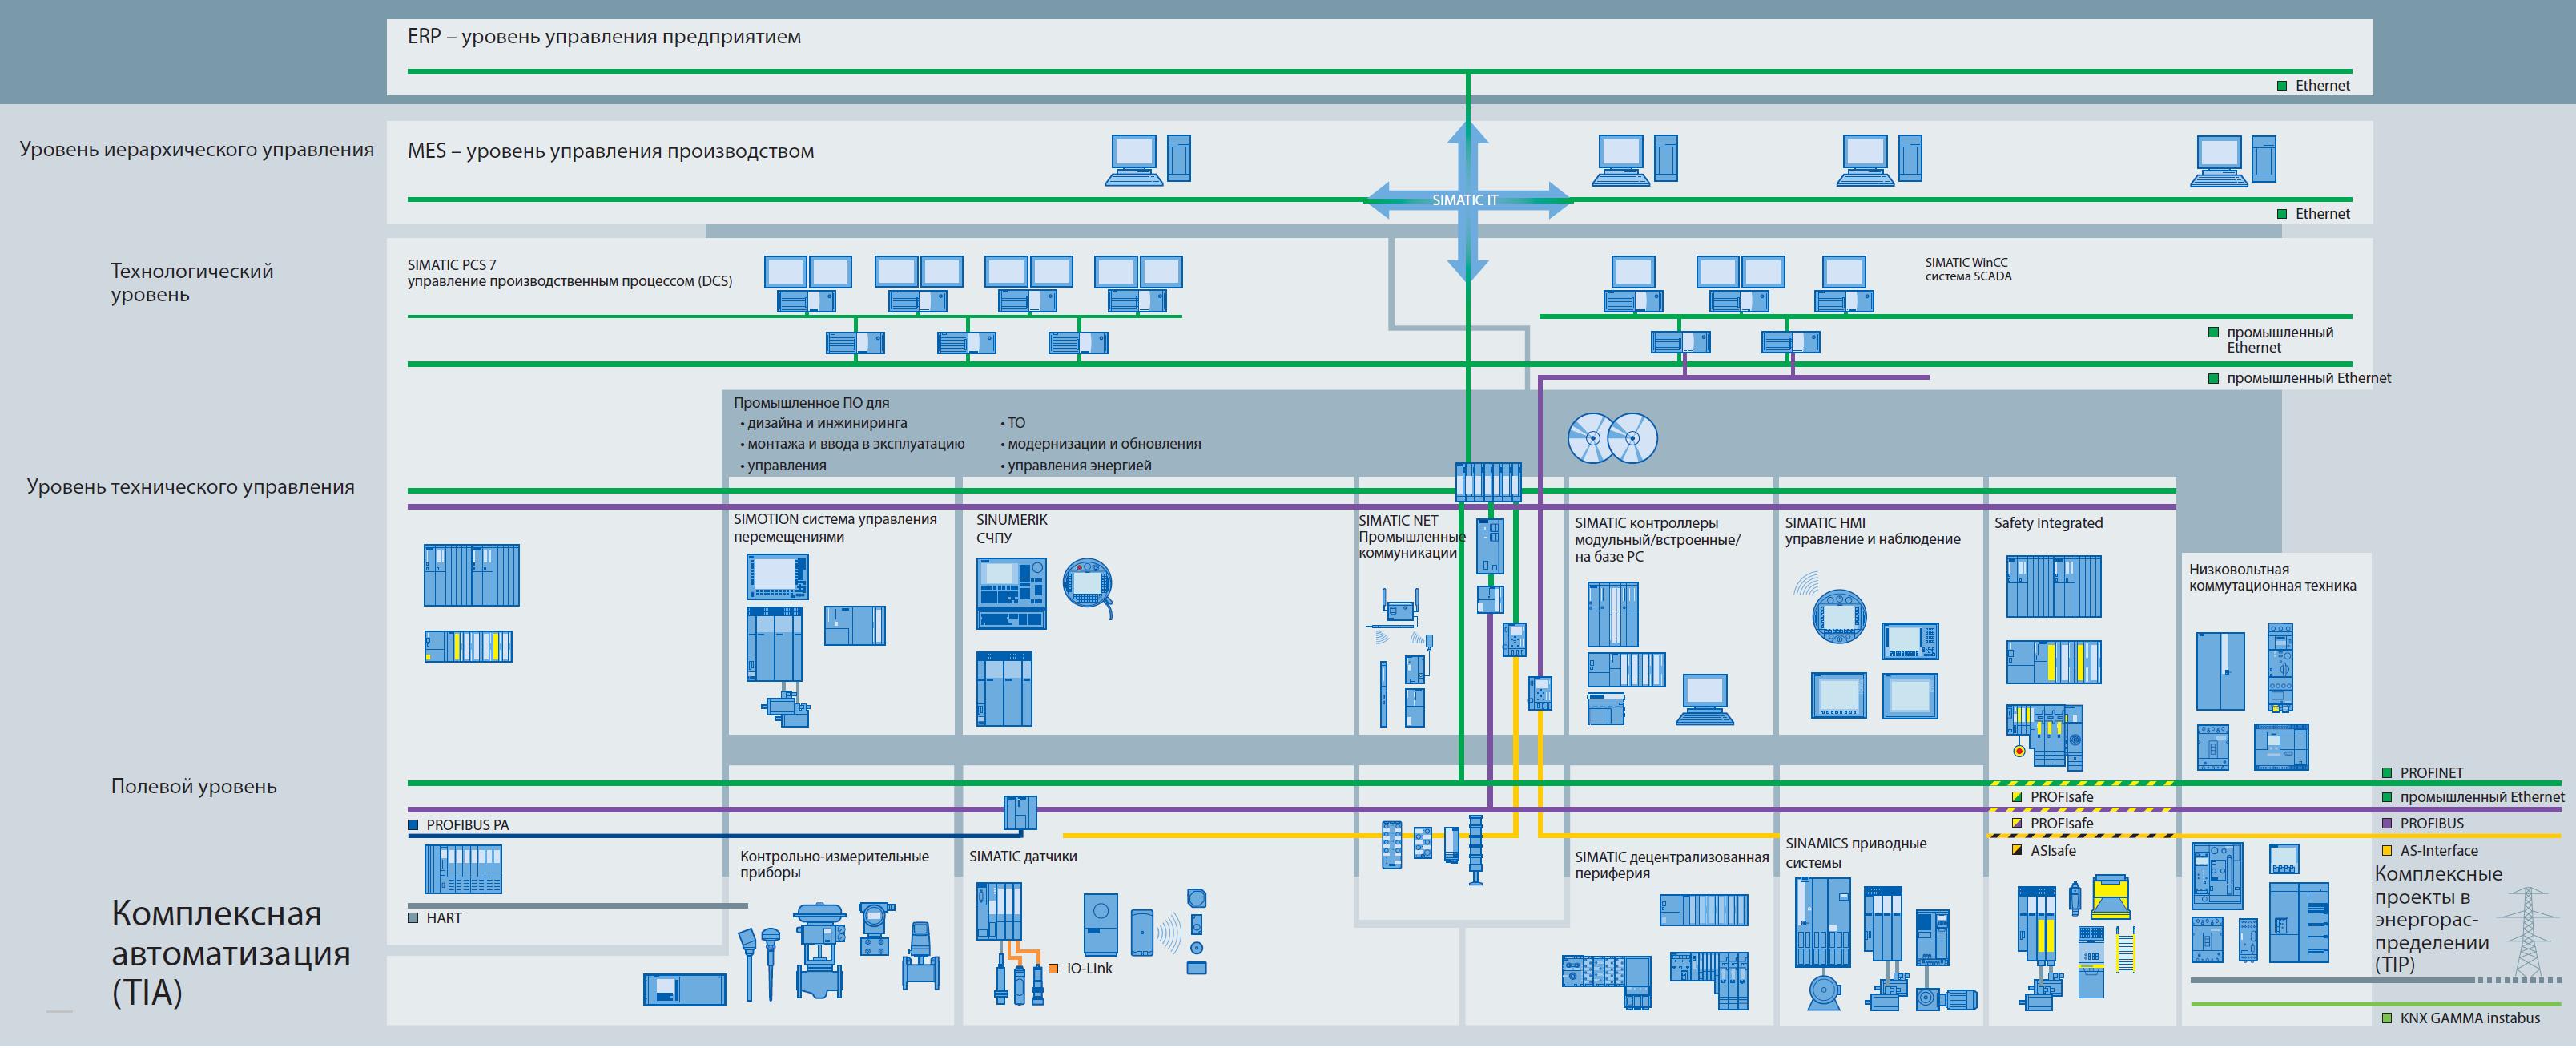 Структурная схема комплексной автоматизации предприятия